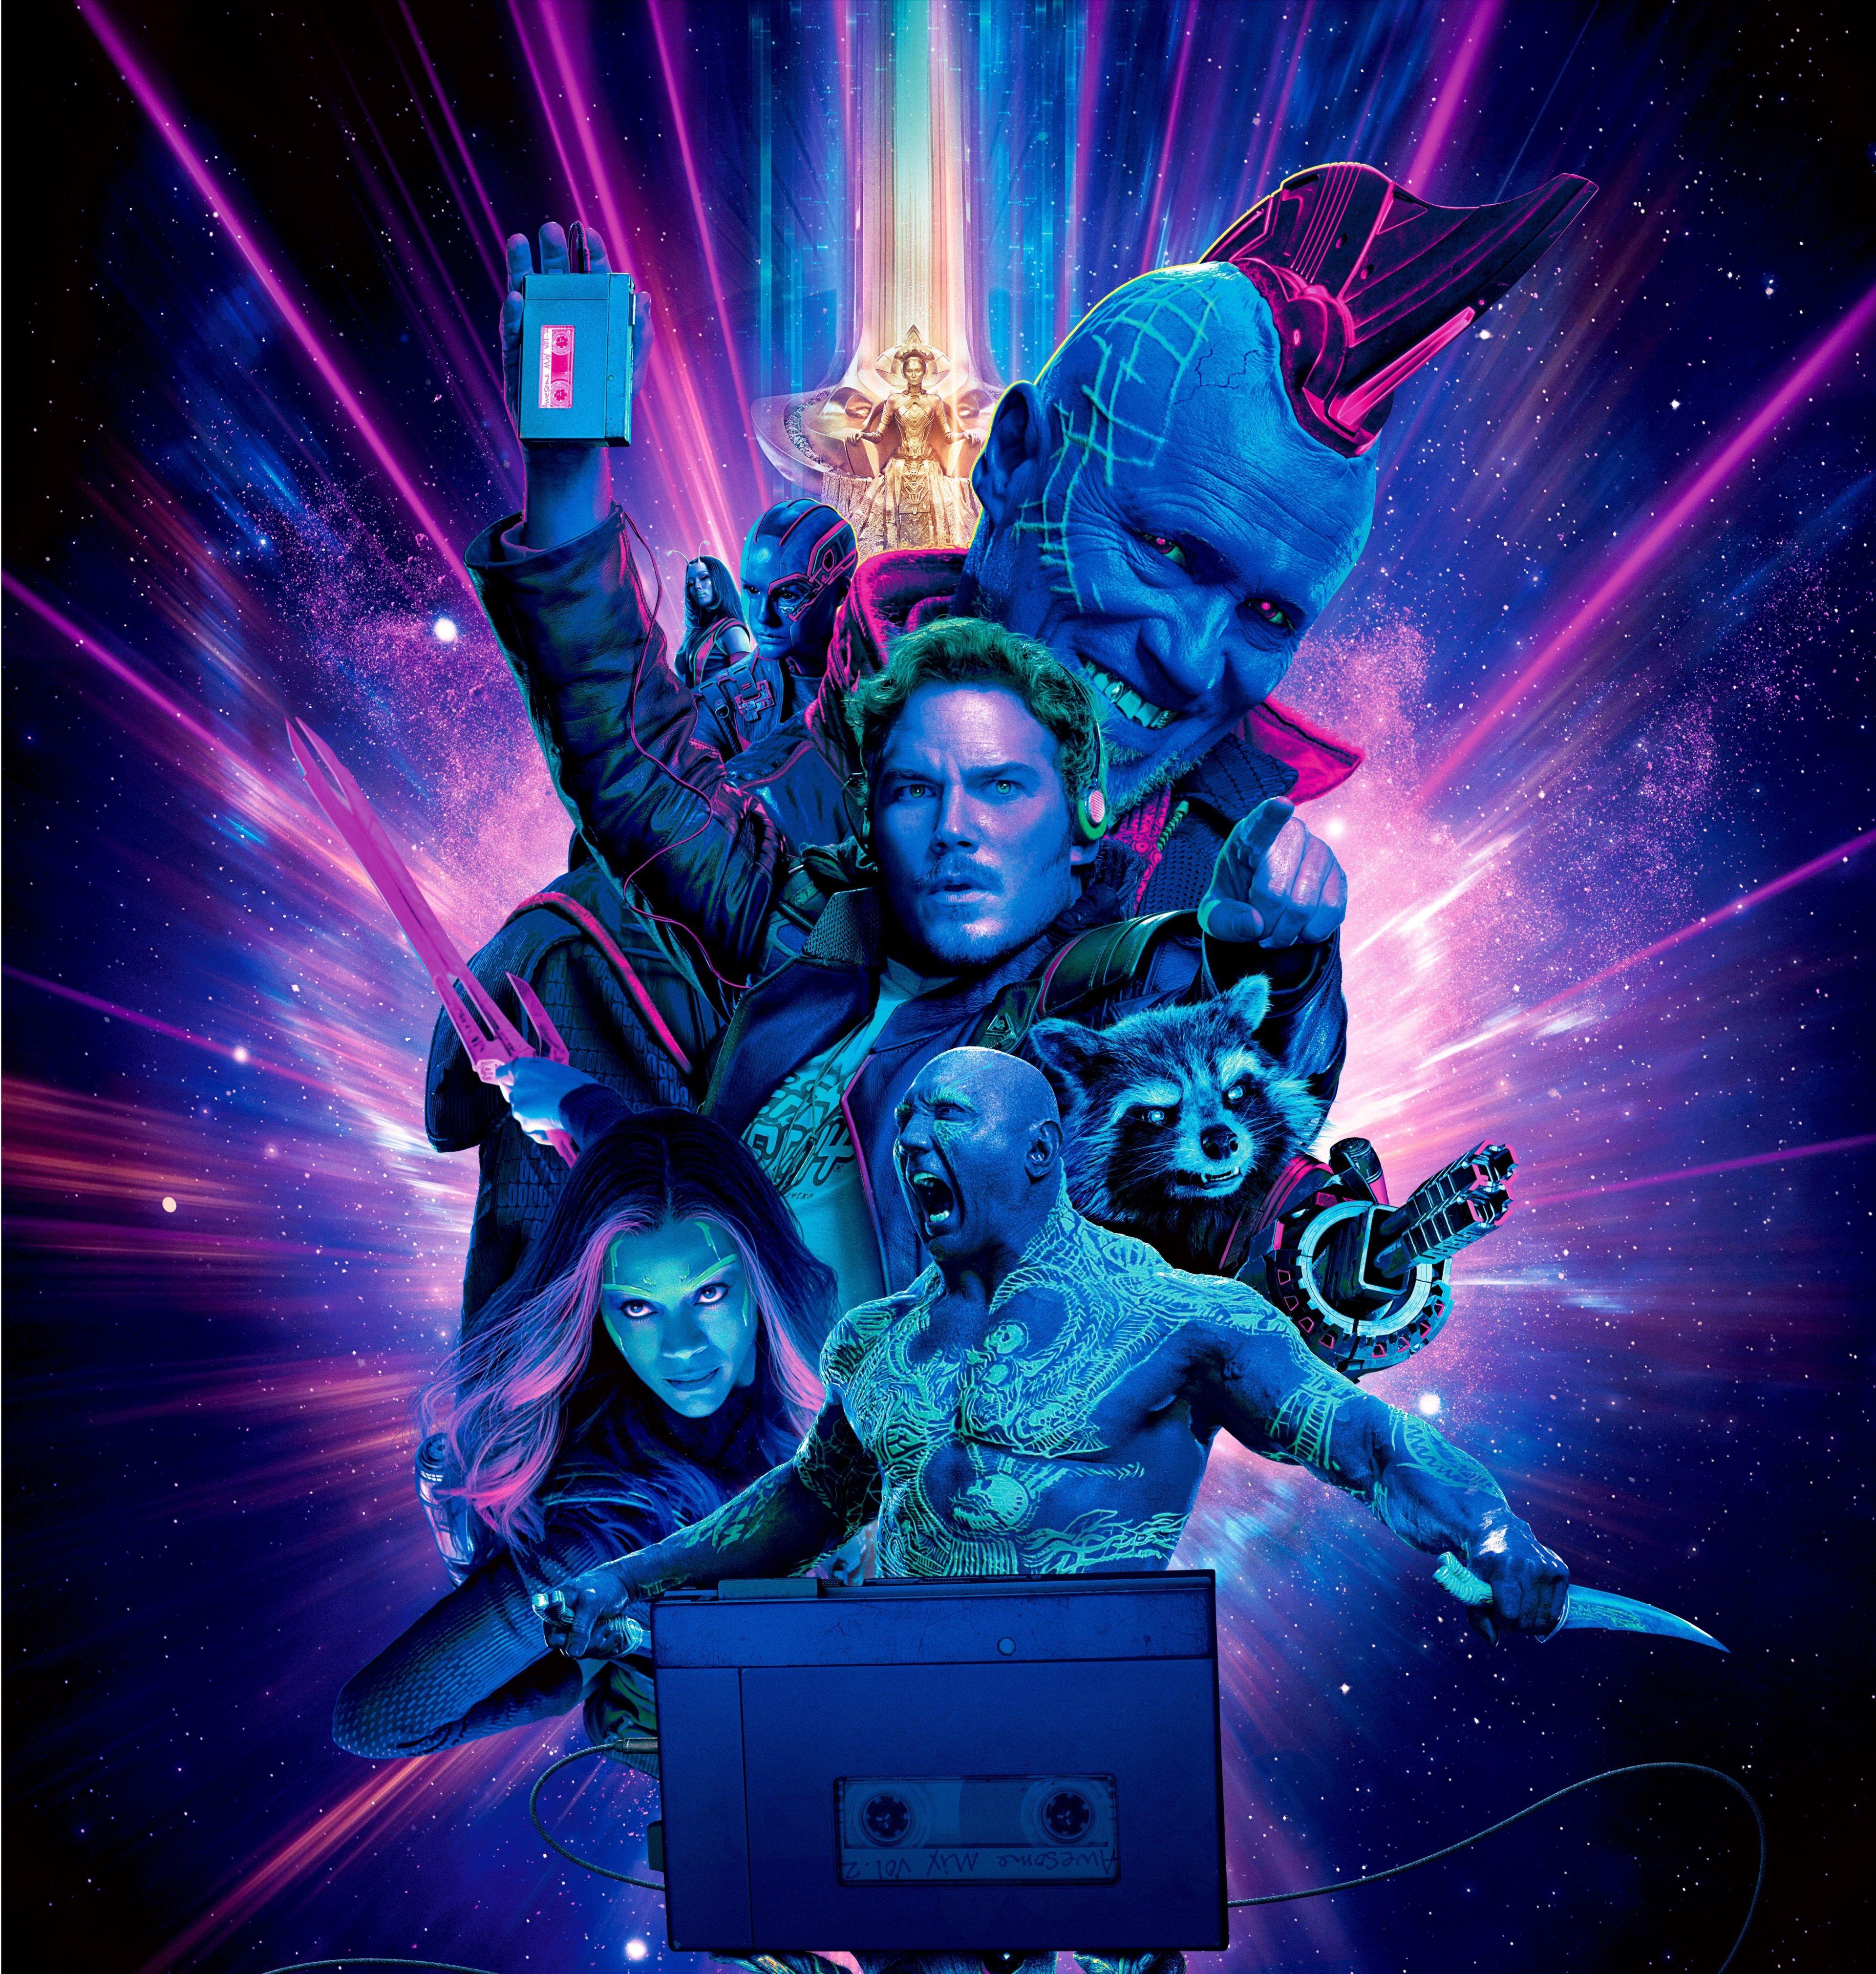 3840x4041 Guardians Of The Galaxy Vol 2 4k Latest Full Hd Wallpaper Guardians Of The Galaxy Vol 2 Gaurdians Of The Galaxy Marvel Wallpaper